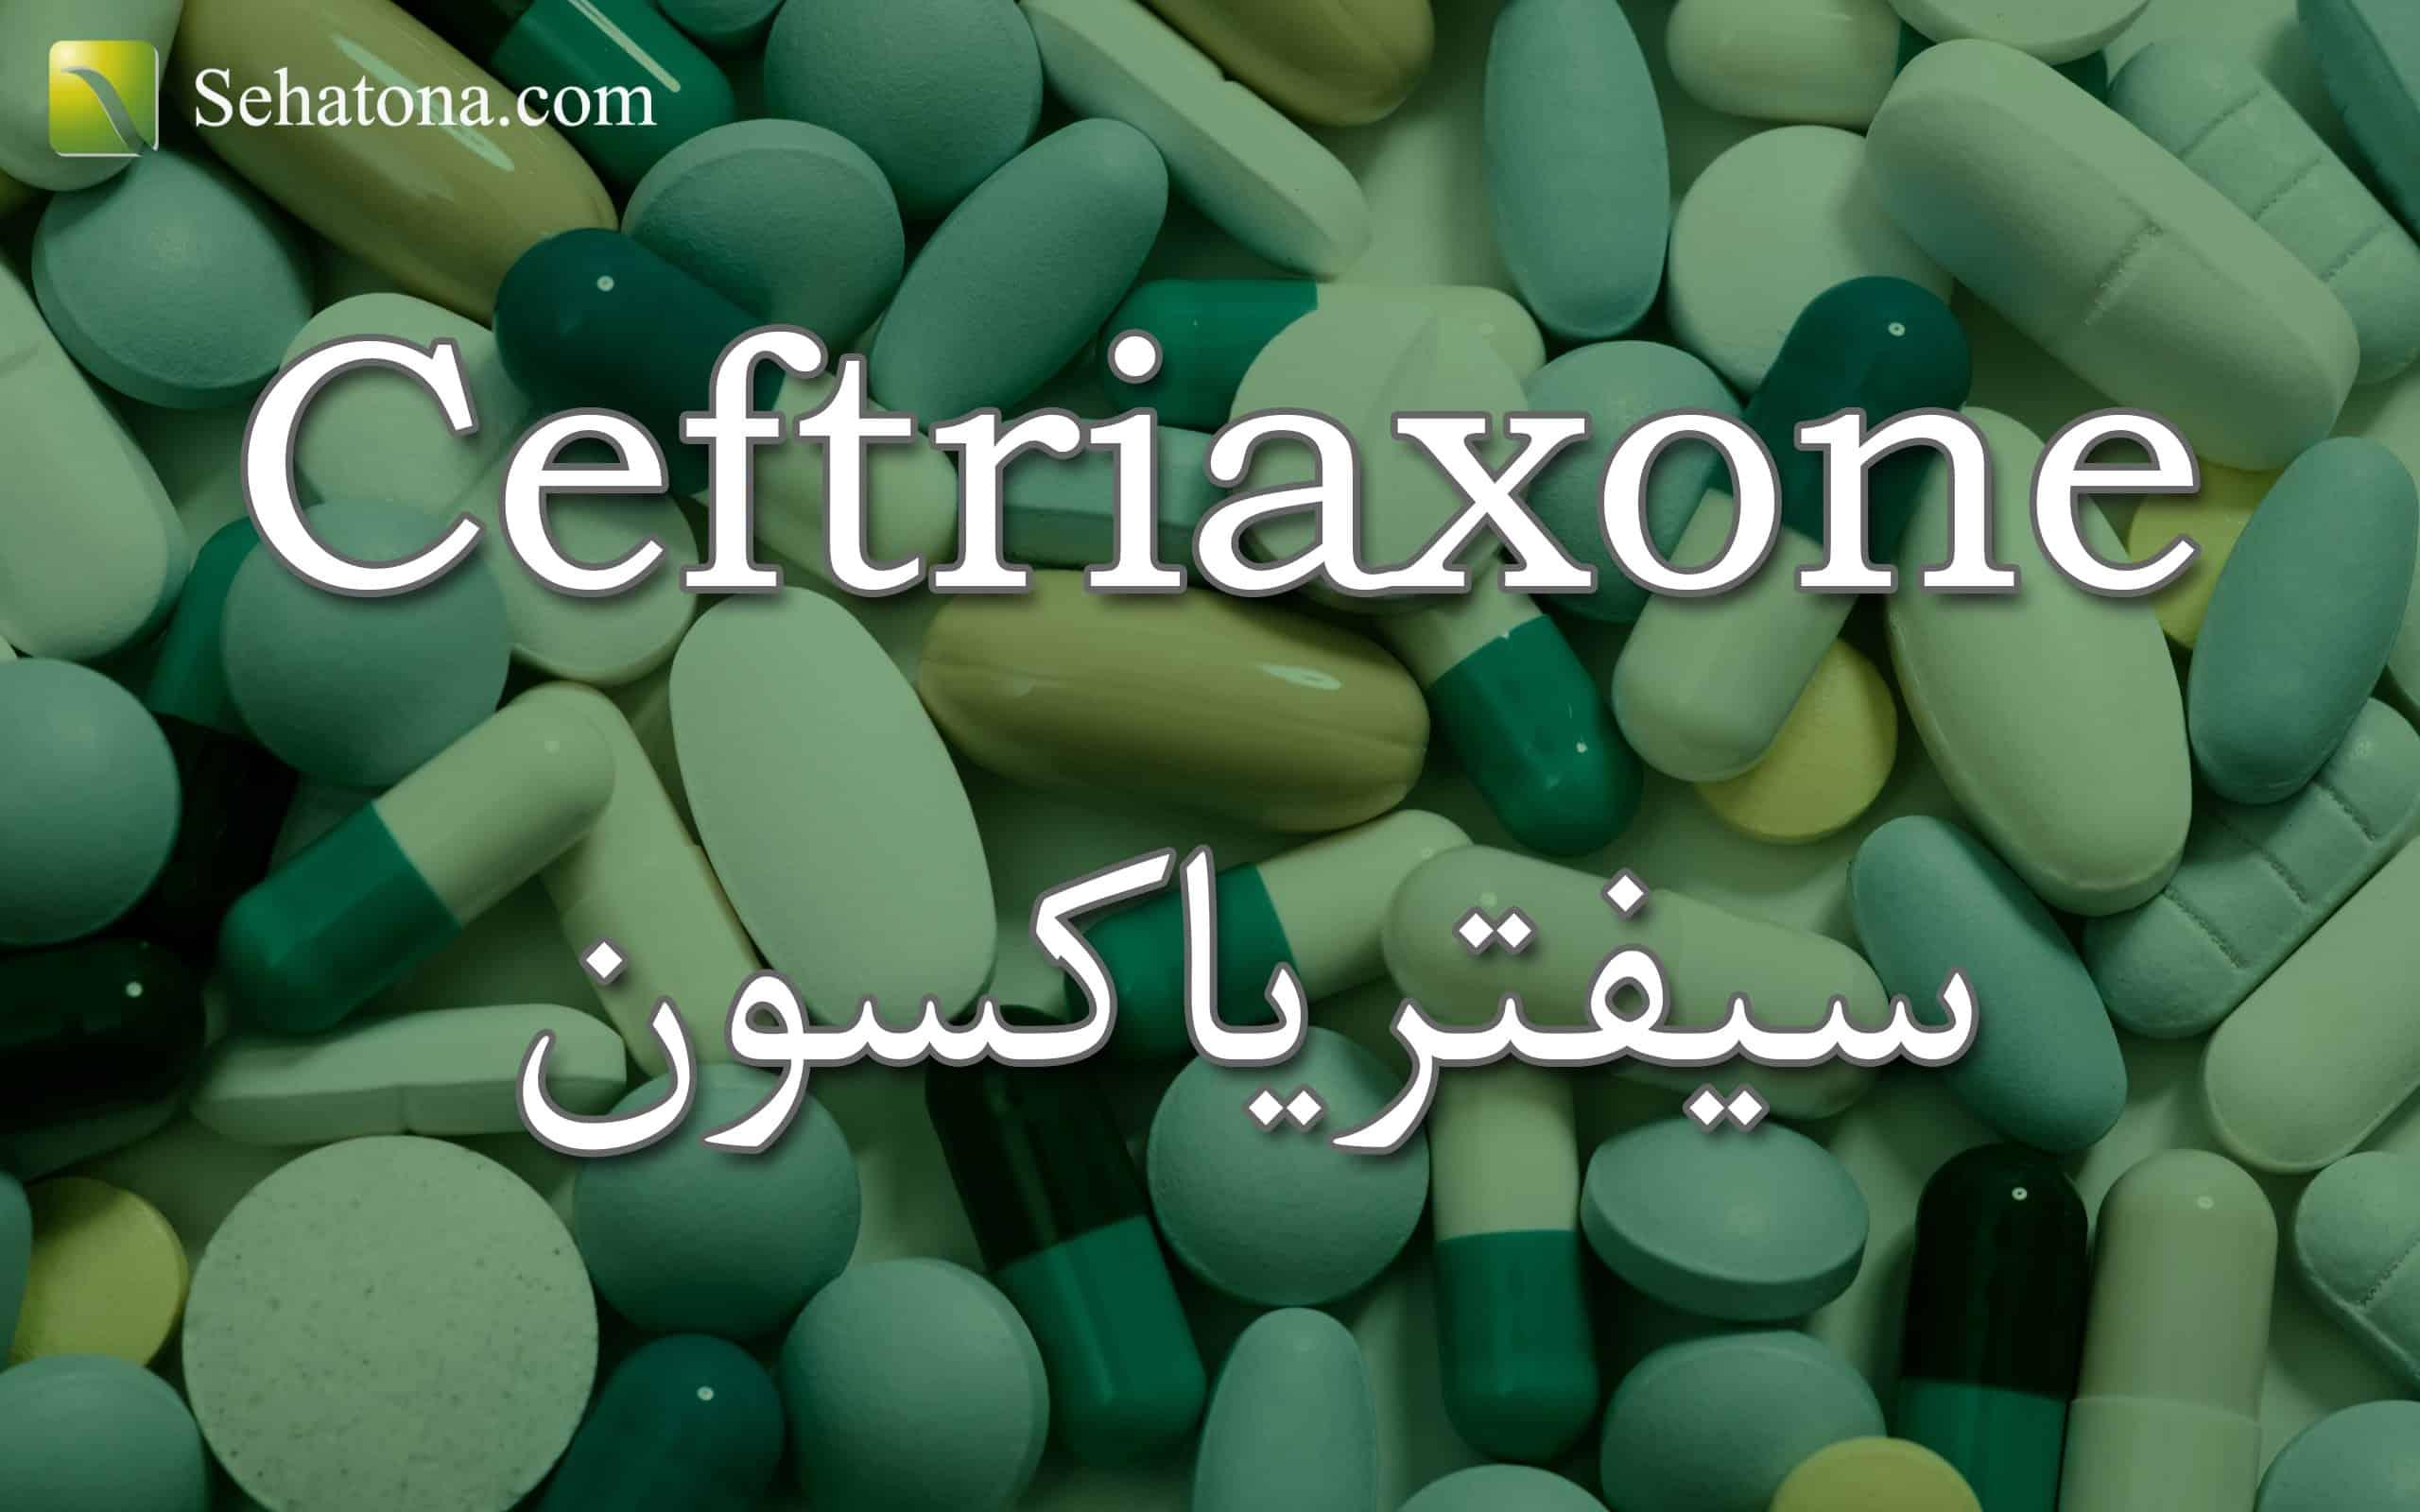 Ceftriaxone